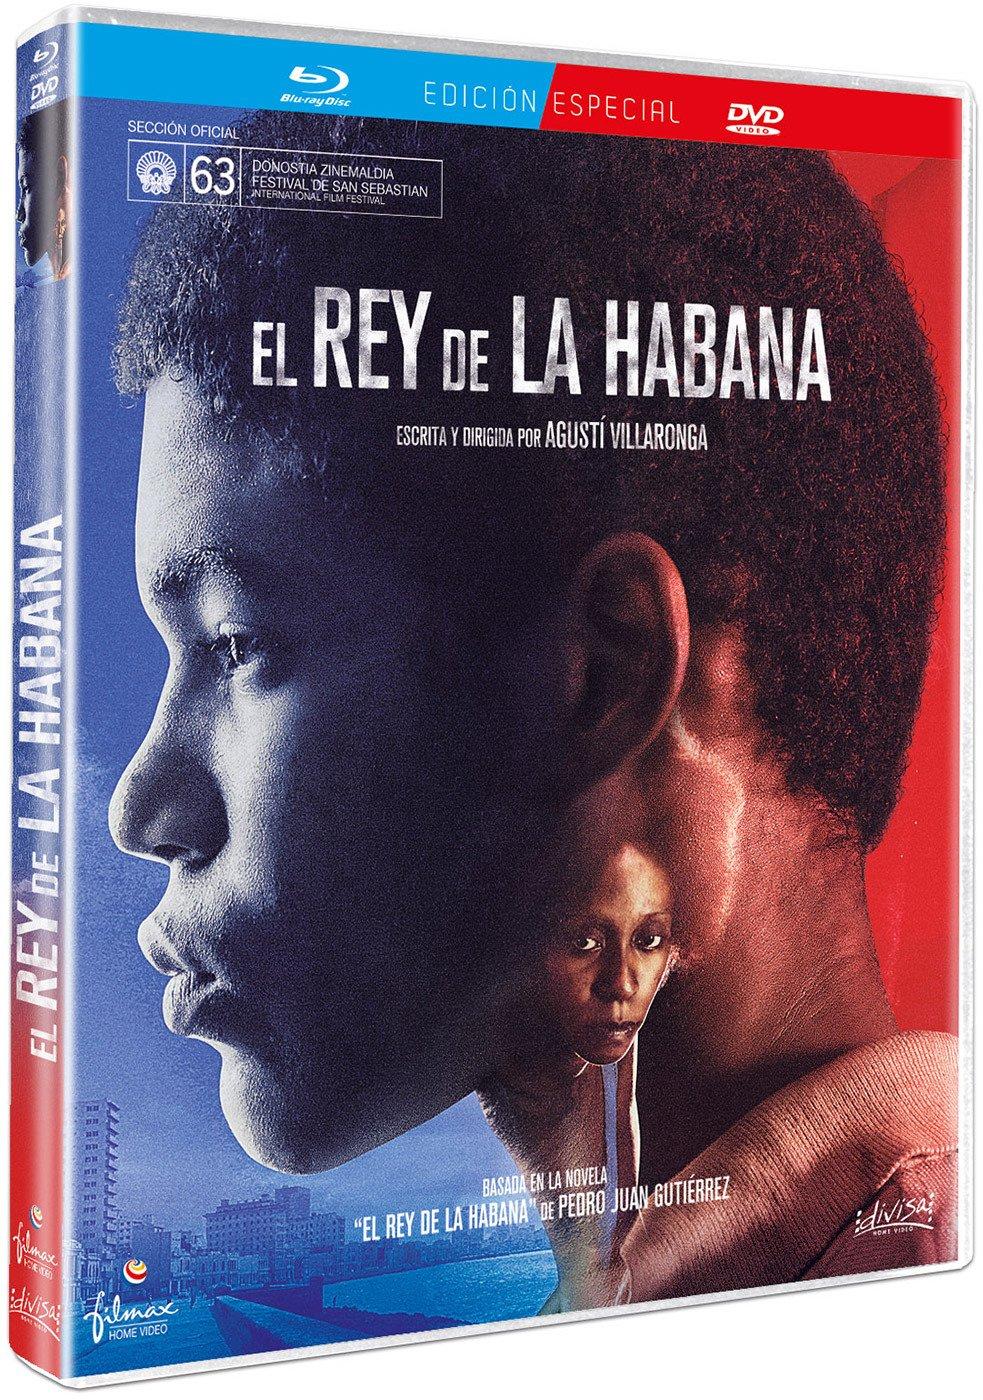 El rey de la habana [Blu-ray]: Amazon.es: Maykol David ...